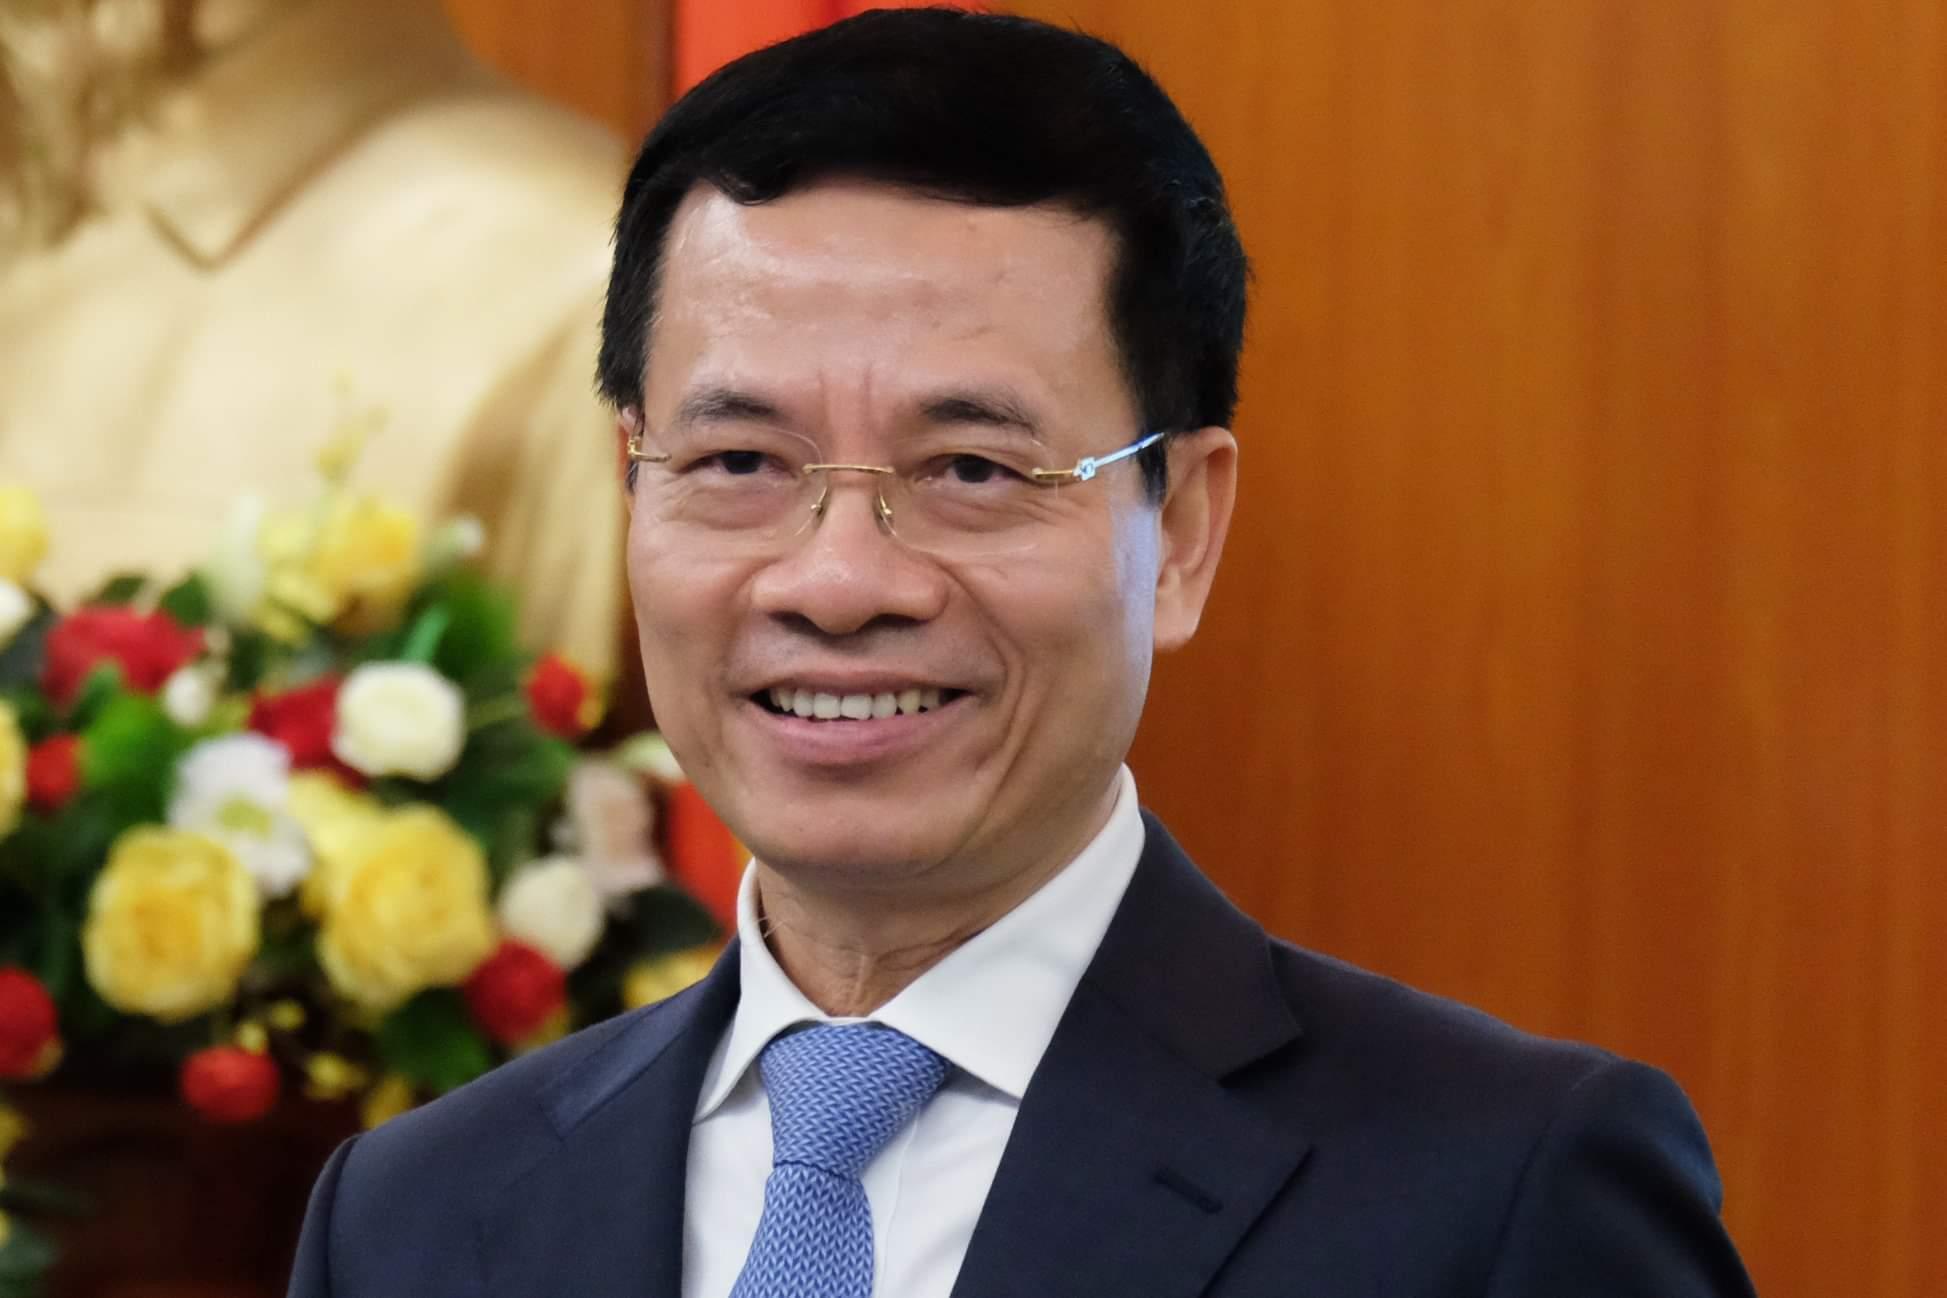 Tạm biệt Thứ trưởng Nguyễn Thành Hưng